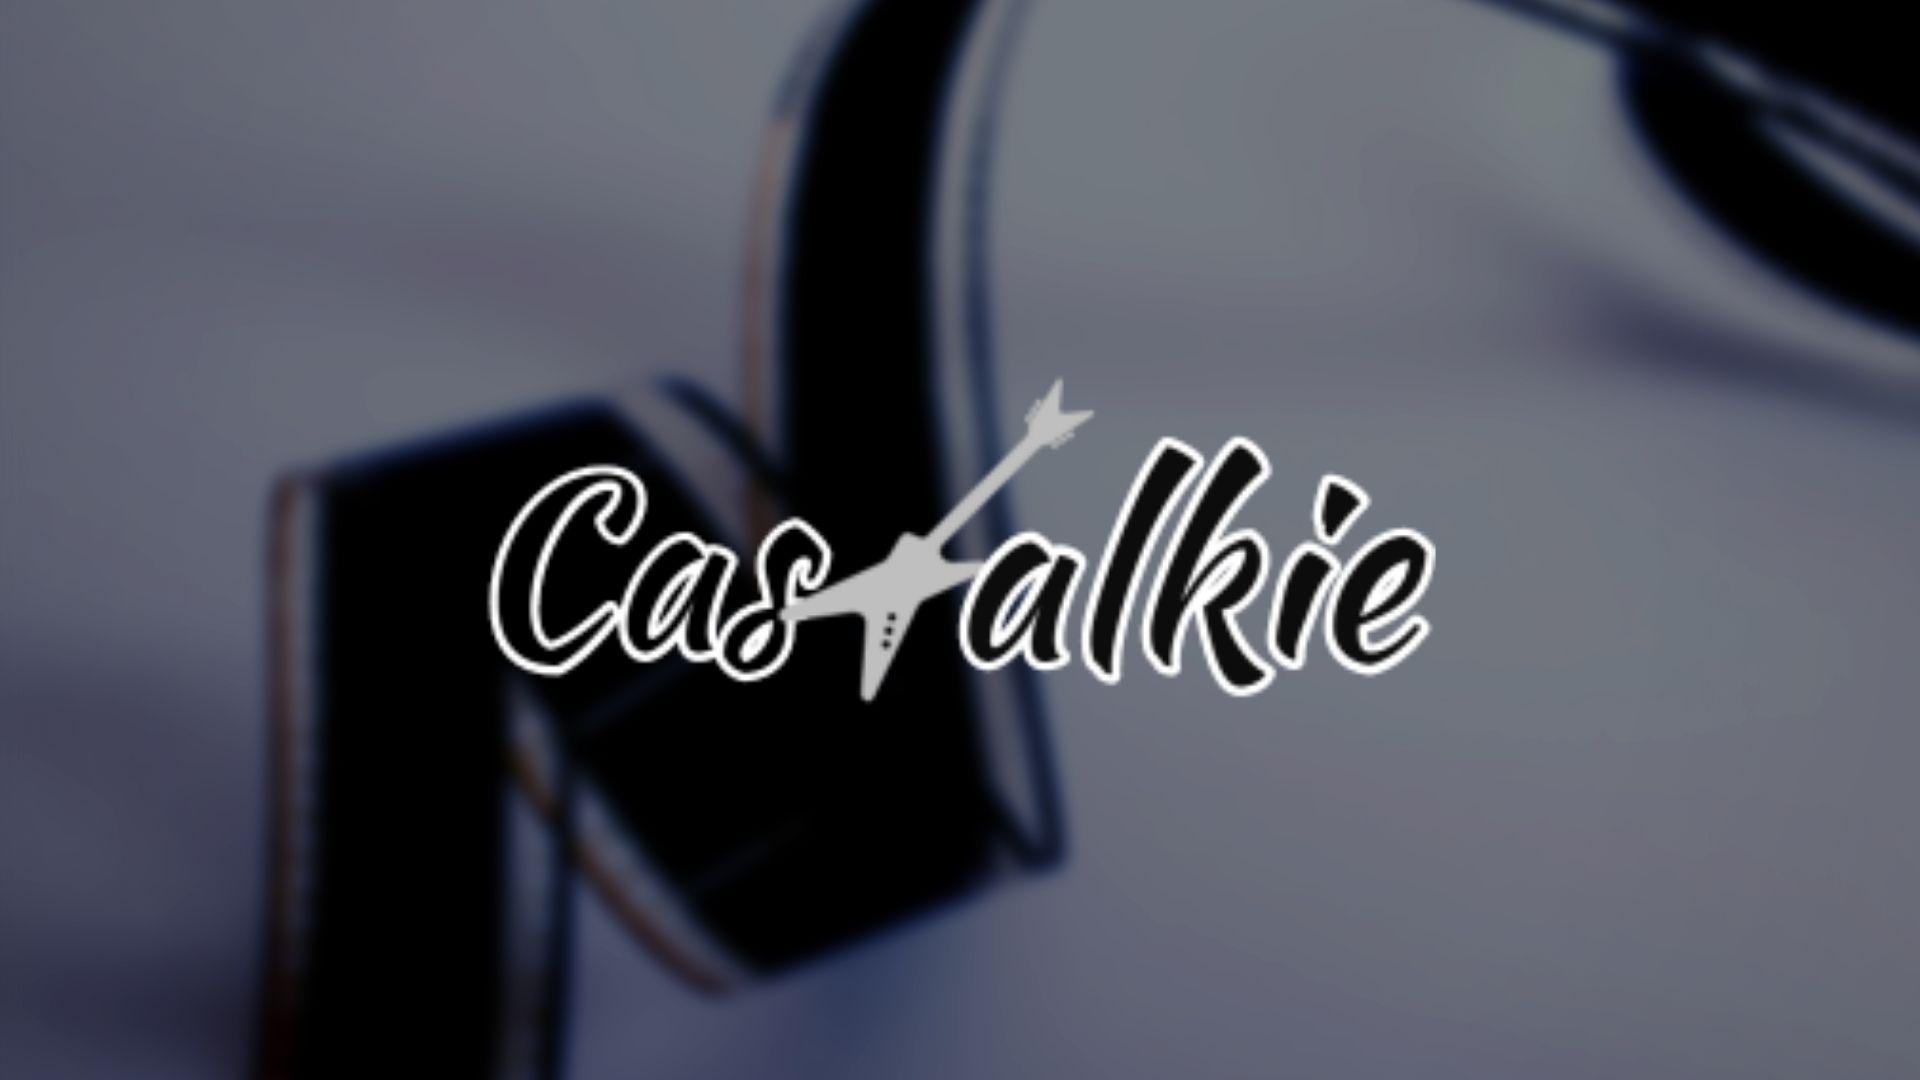 Castalkie placeholder